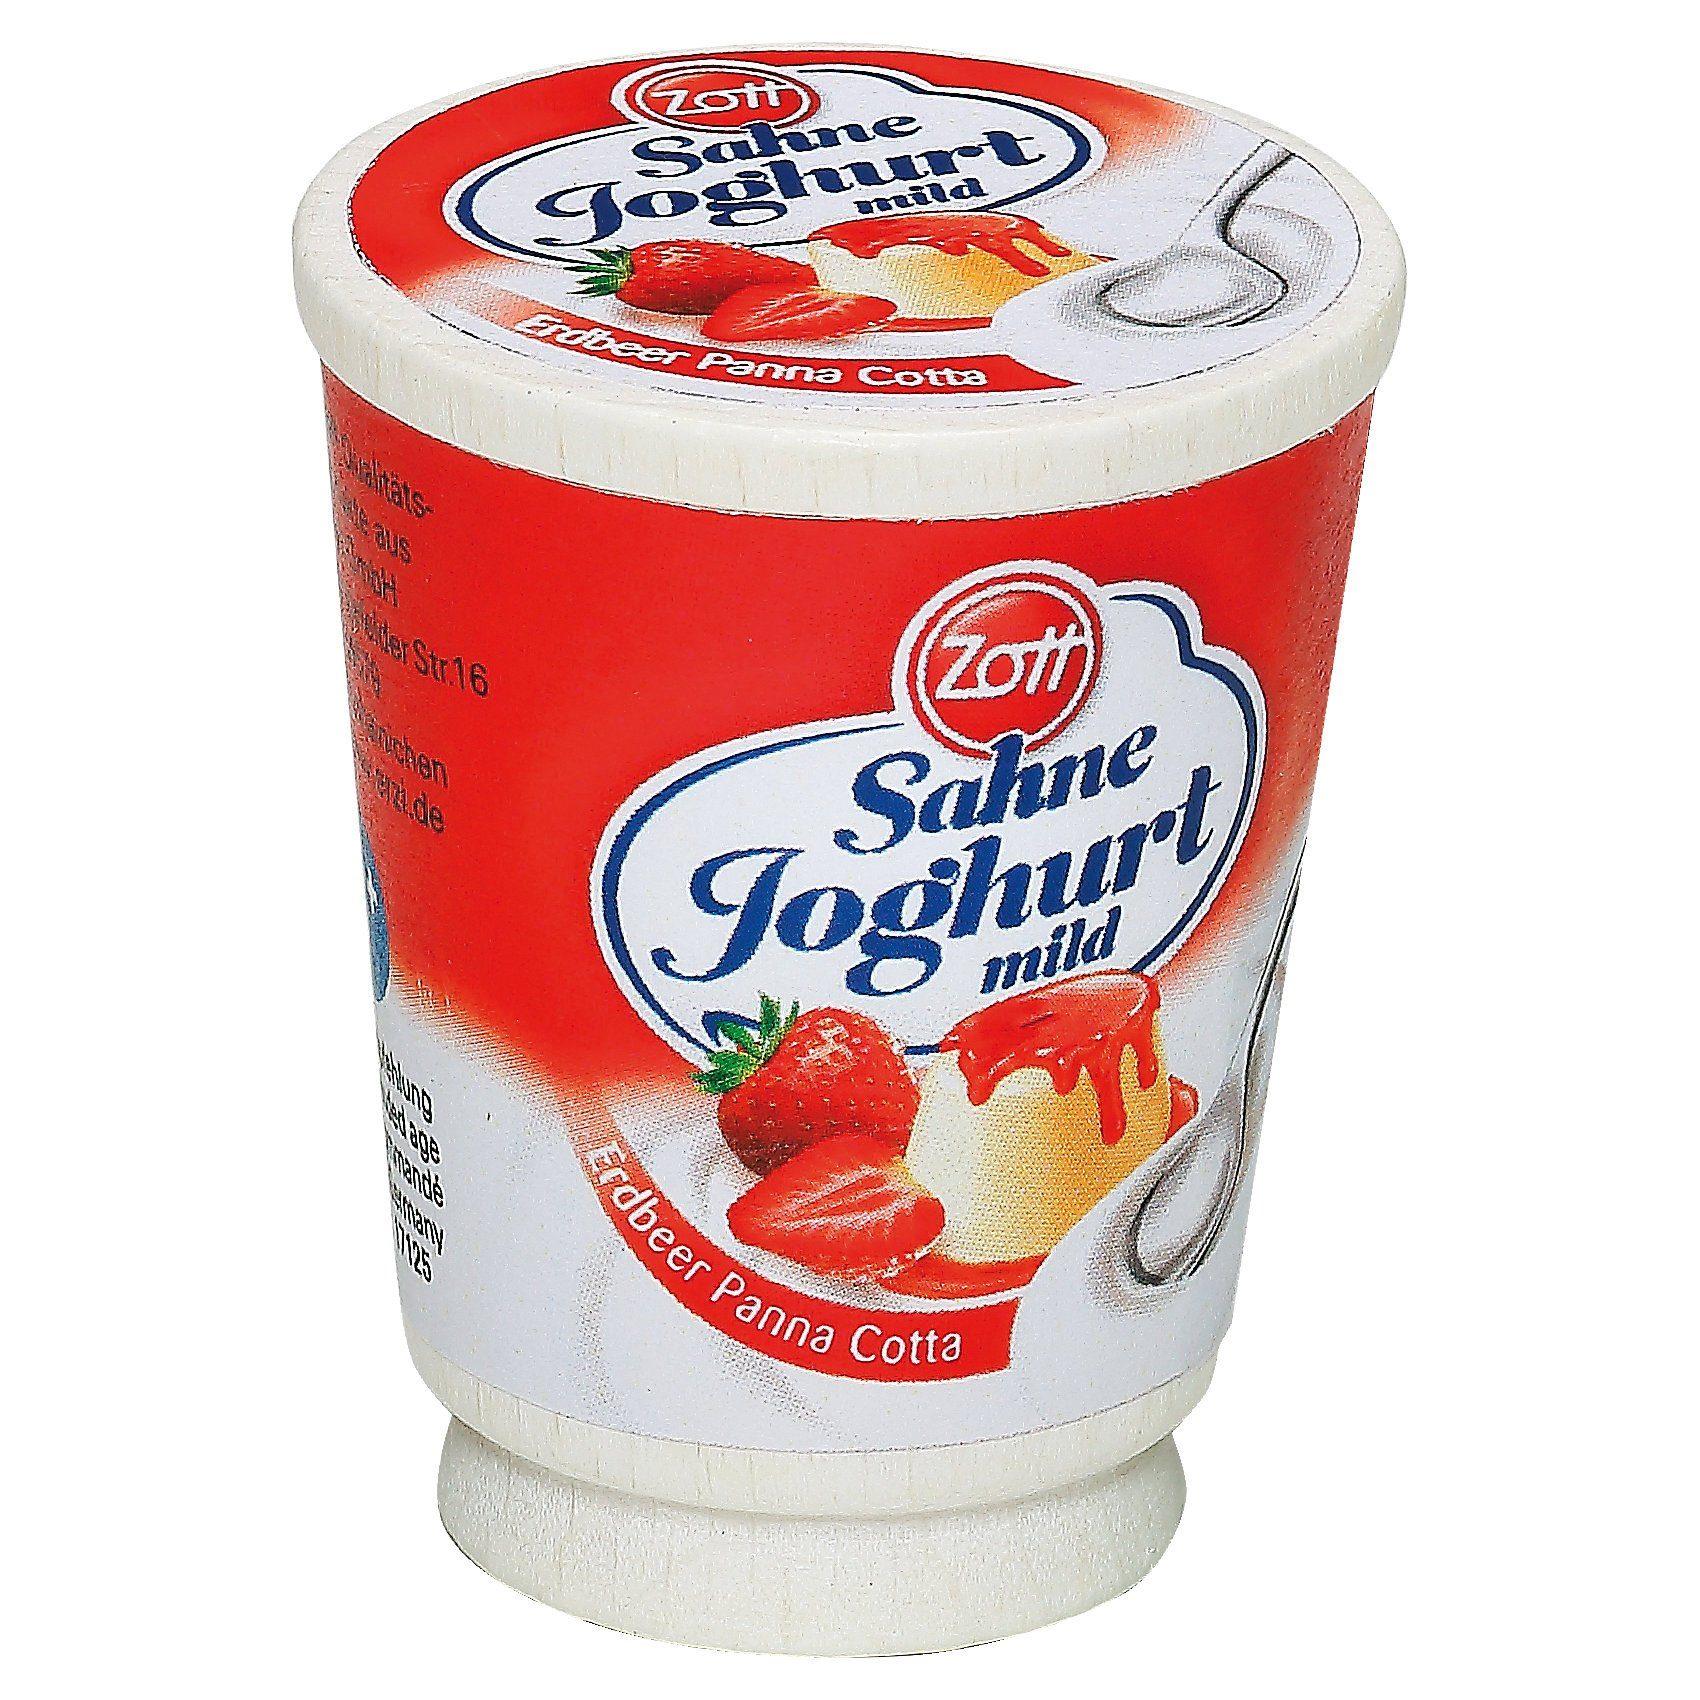 ERZI Spiellebensmittel Sahnejoghurt von Zott